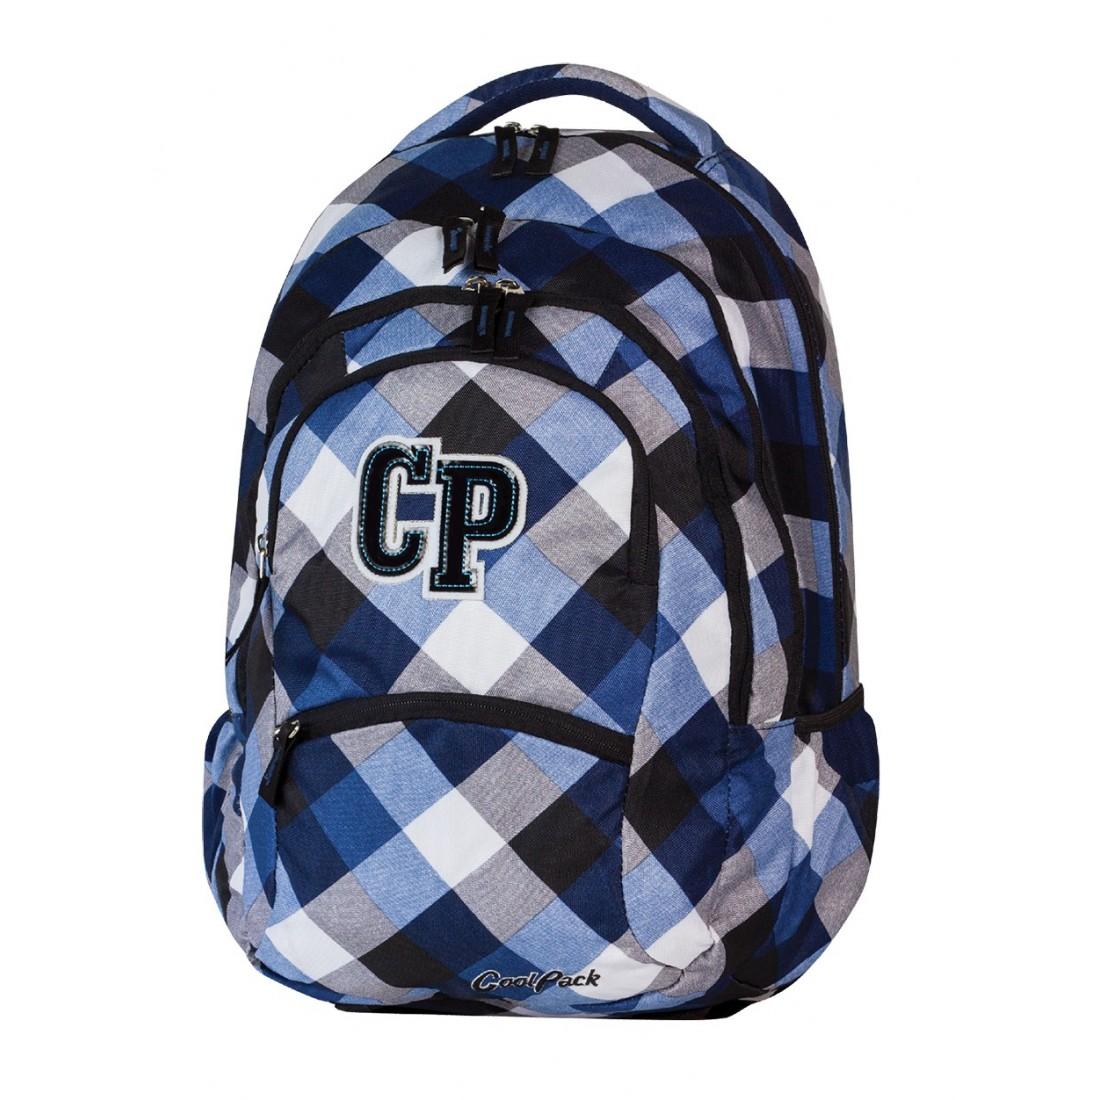 Plecak młodzieżowy CoolPack CP biało niebieski w kratkę - 5 przegród COLLEGE CAMBRIDGE 465 - plecak-tornister.pl